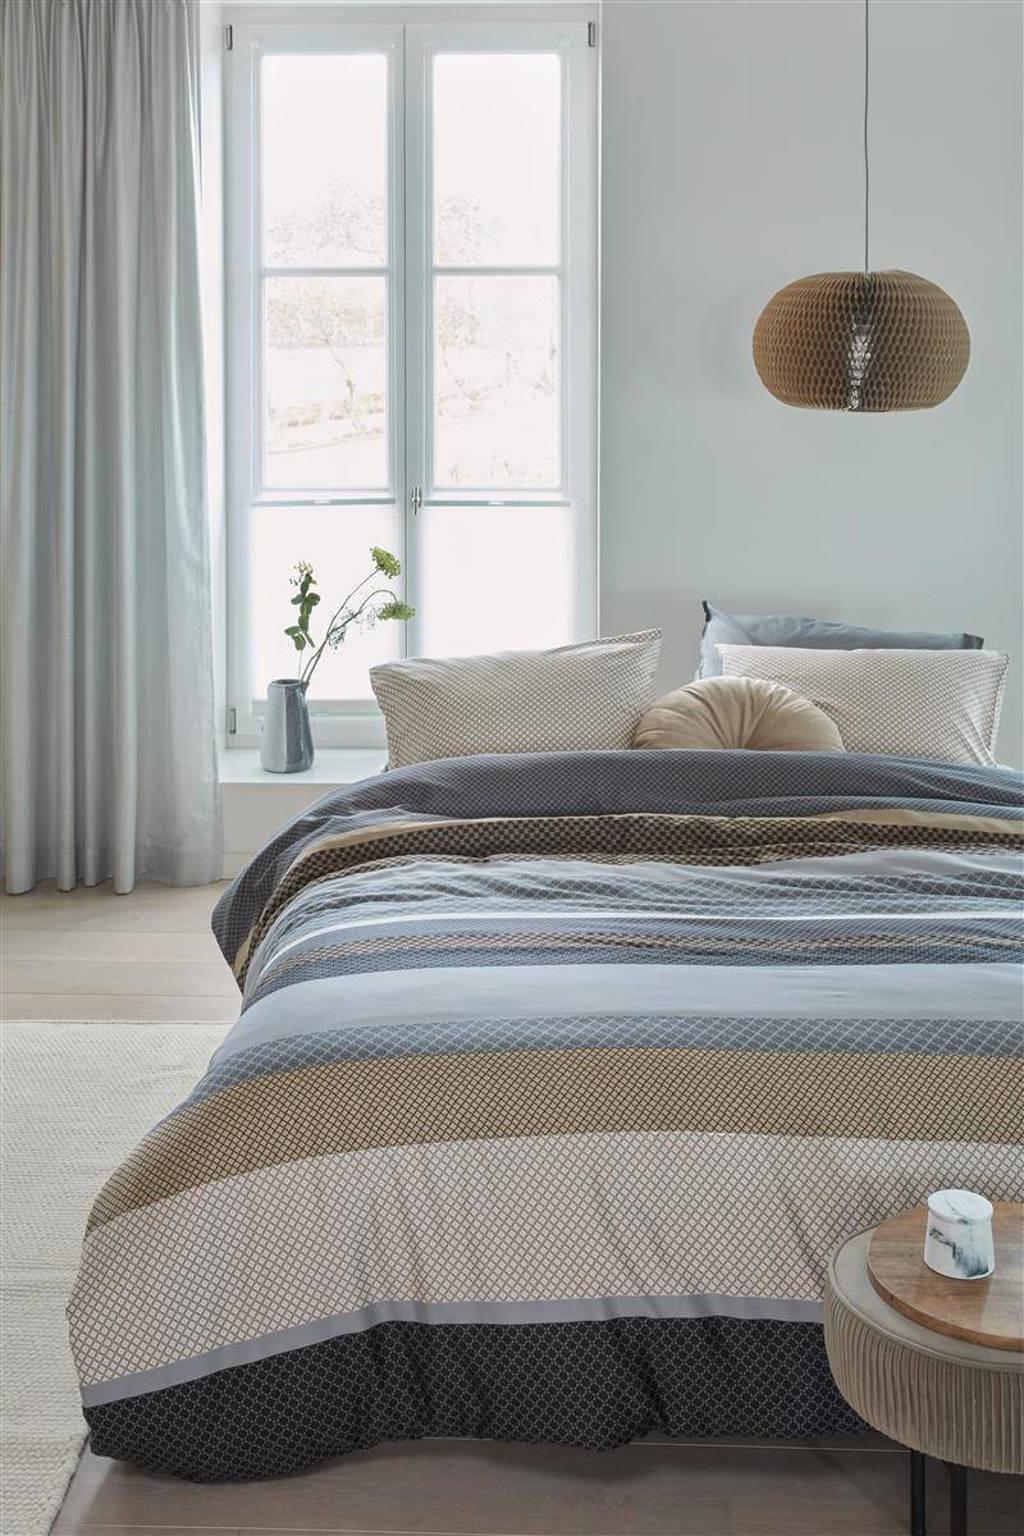 Beddinghouse Katoen-lyocell dekbedovertrek lits-jumeaux, Lits-jumeaux (240 cm breed), Grijs